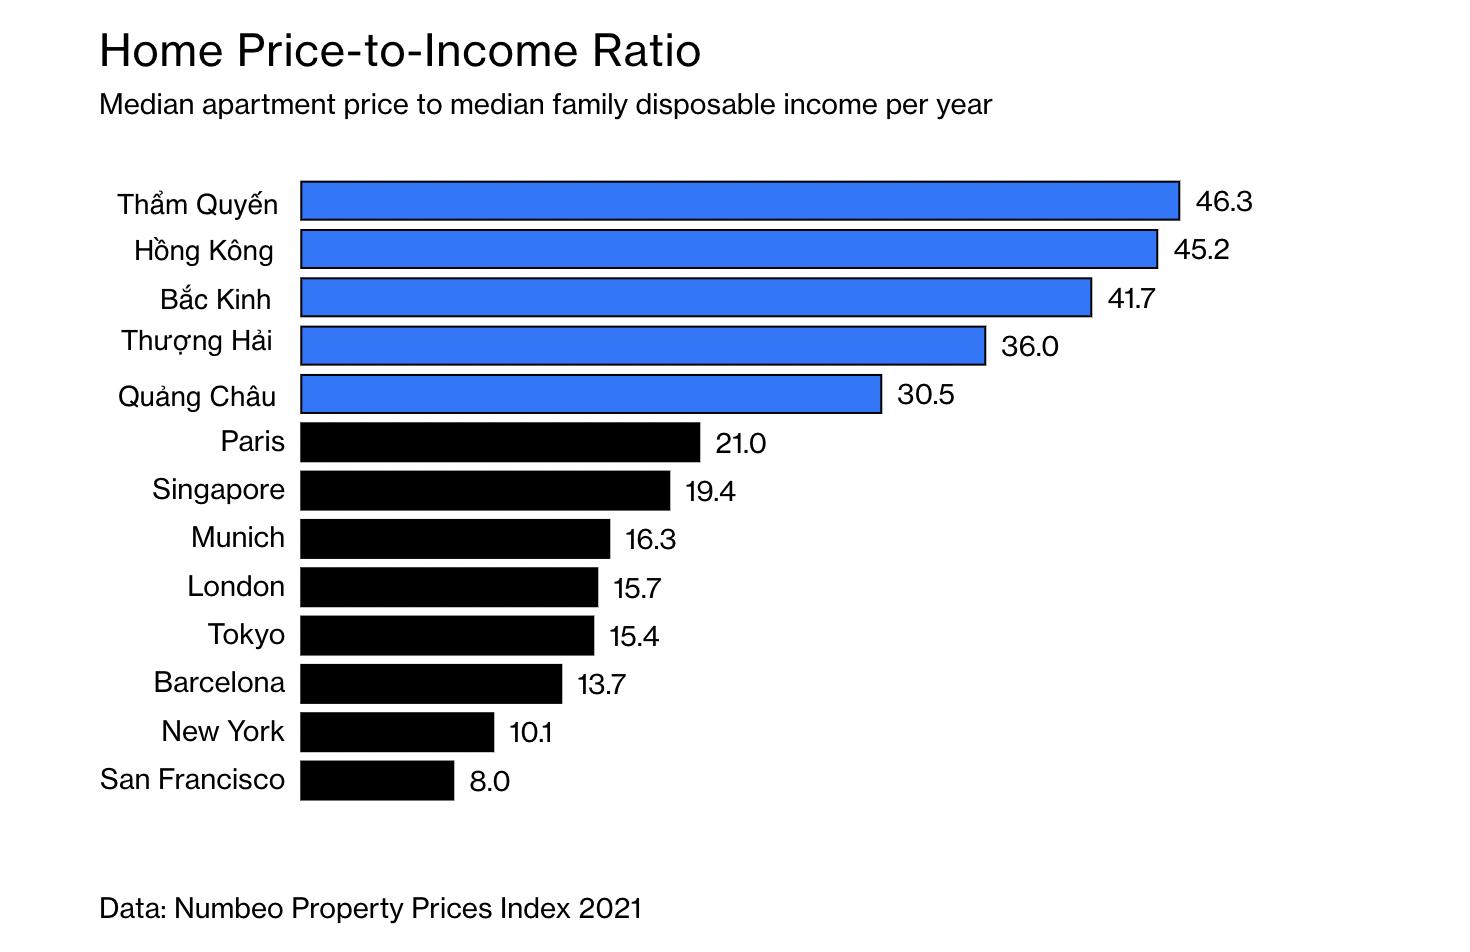 Tỷ lệ giữa giá căn hộ trung bình và thu nhập khả dụng hàng năm của hộ gia đình ở một số thành phố Trung Quốc và thế giới.